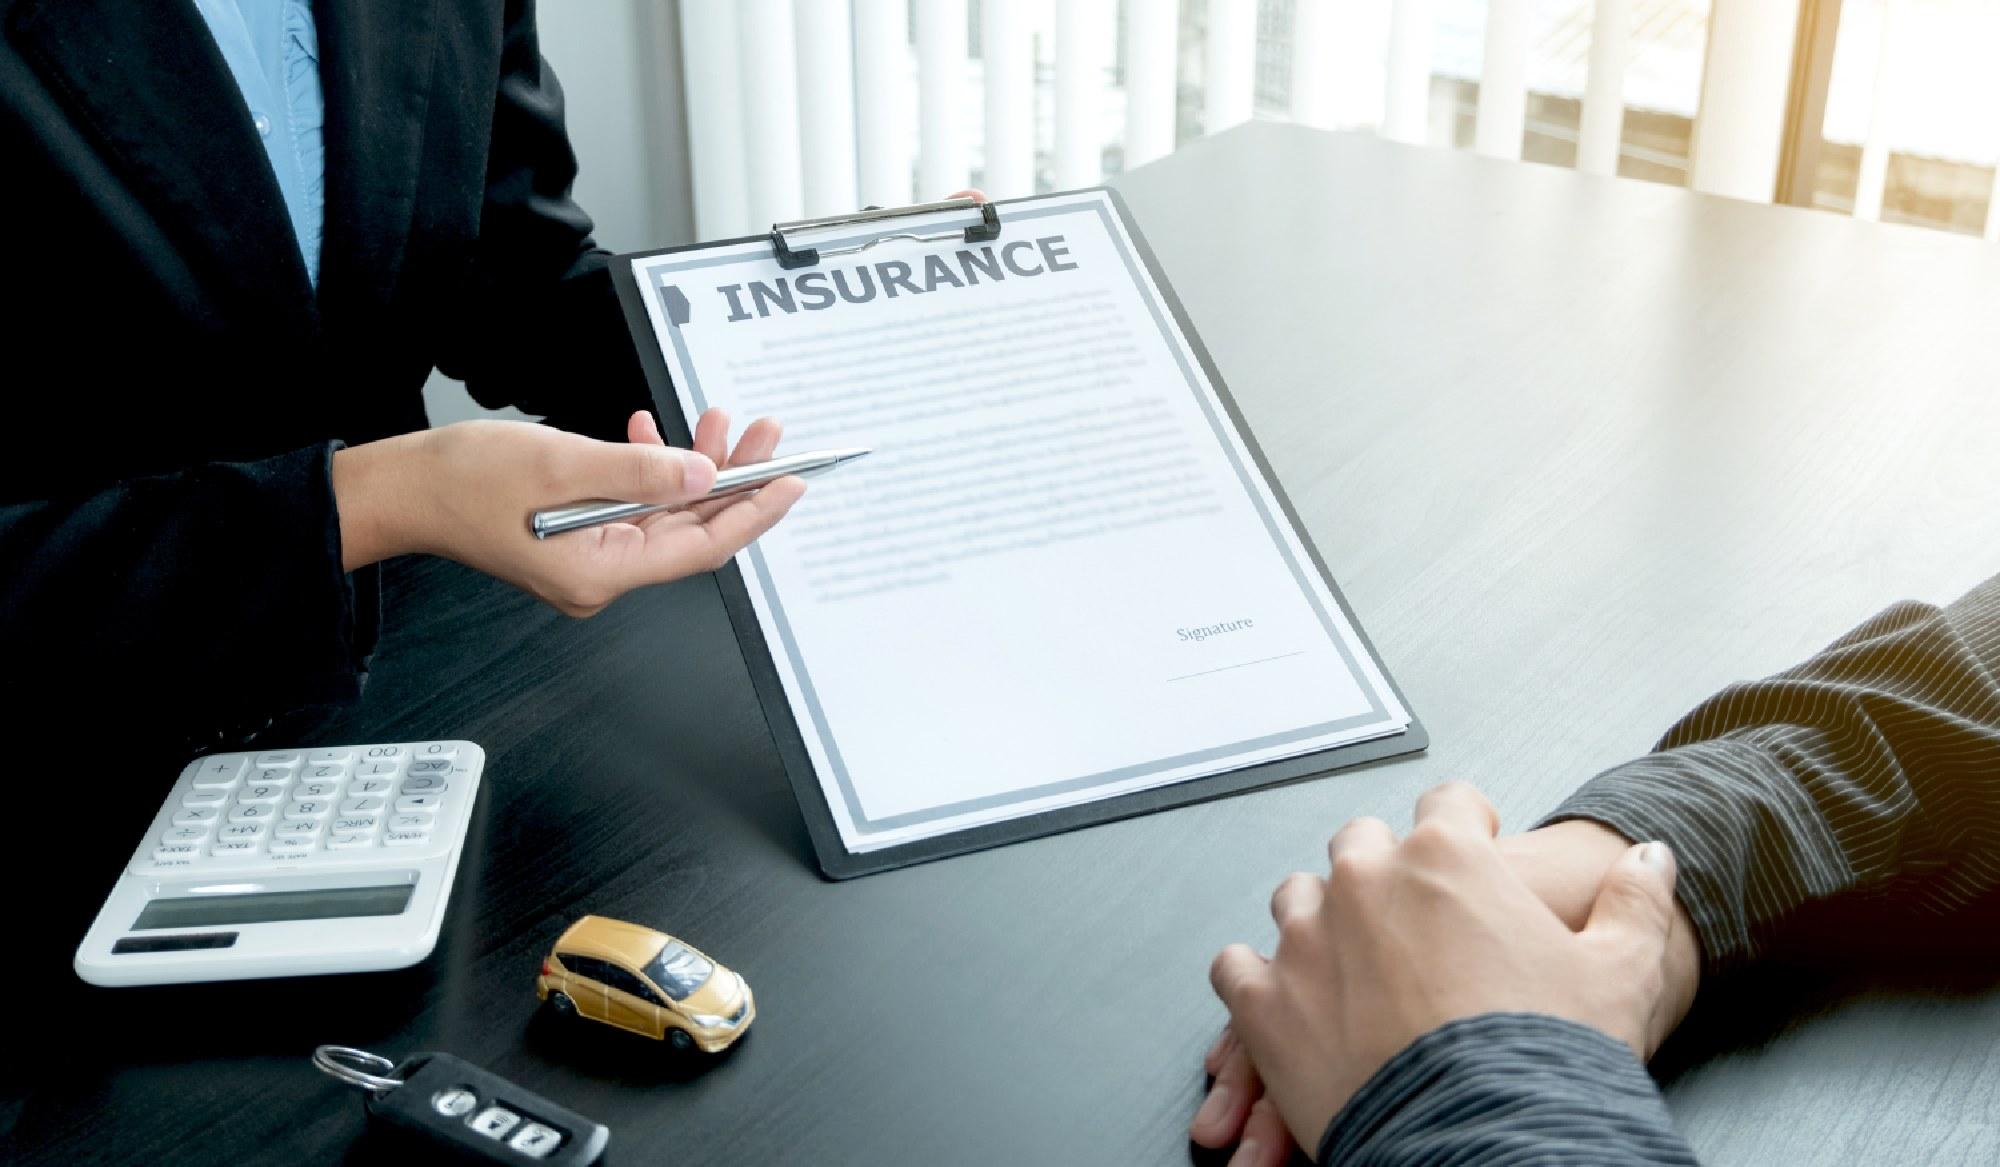 Révisions flotte automobile : pourquoi souscrire un contrat de maintenance ?